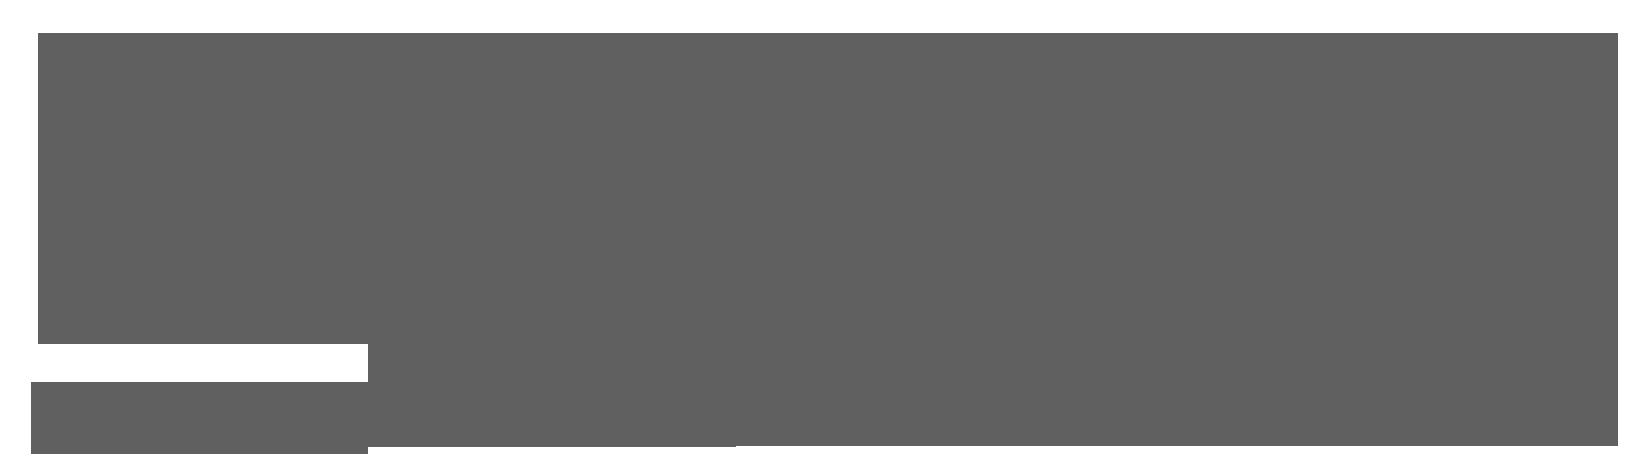 Рекламное агентство Мида Групп - полиграфия и Интернет реклама